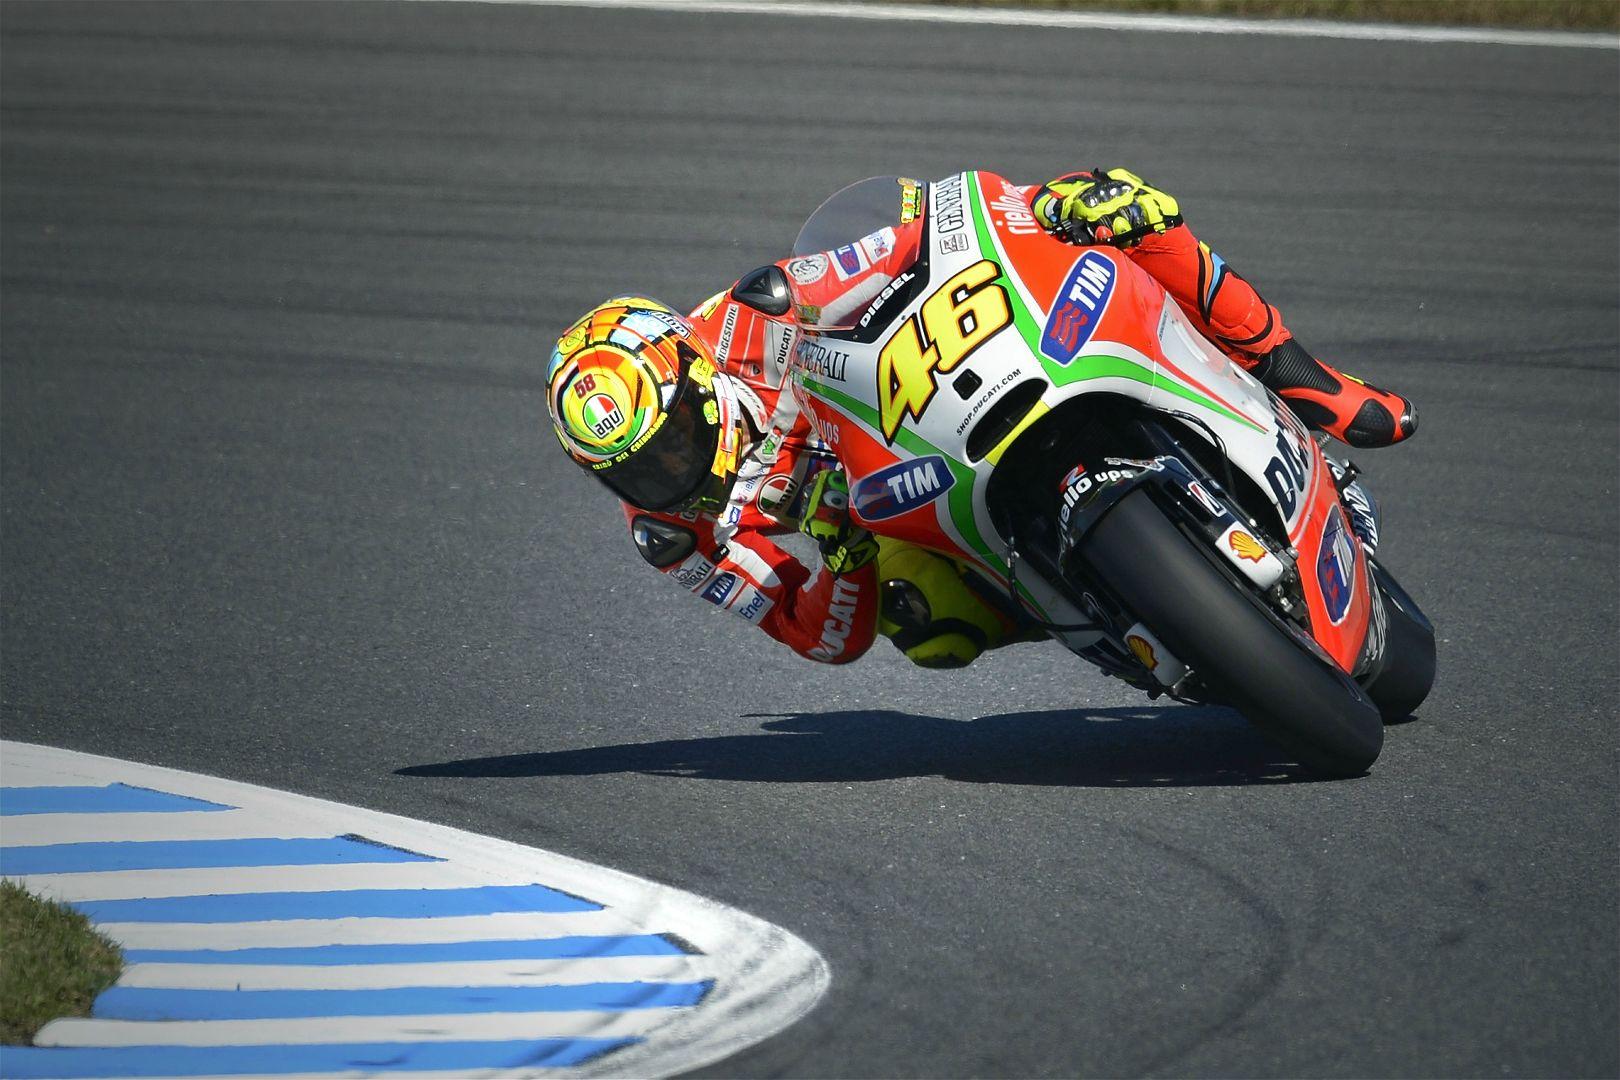 Mundial de Motociclismo - 2012 [MotoGP - Moto2 - Moto3] - Página 4 UmeH6